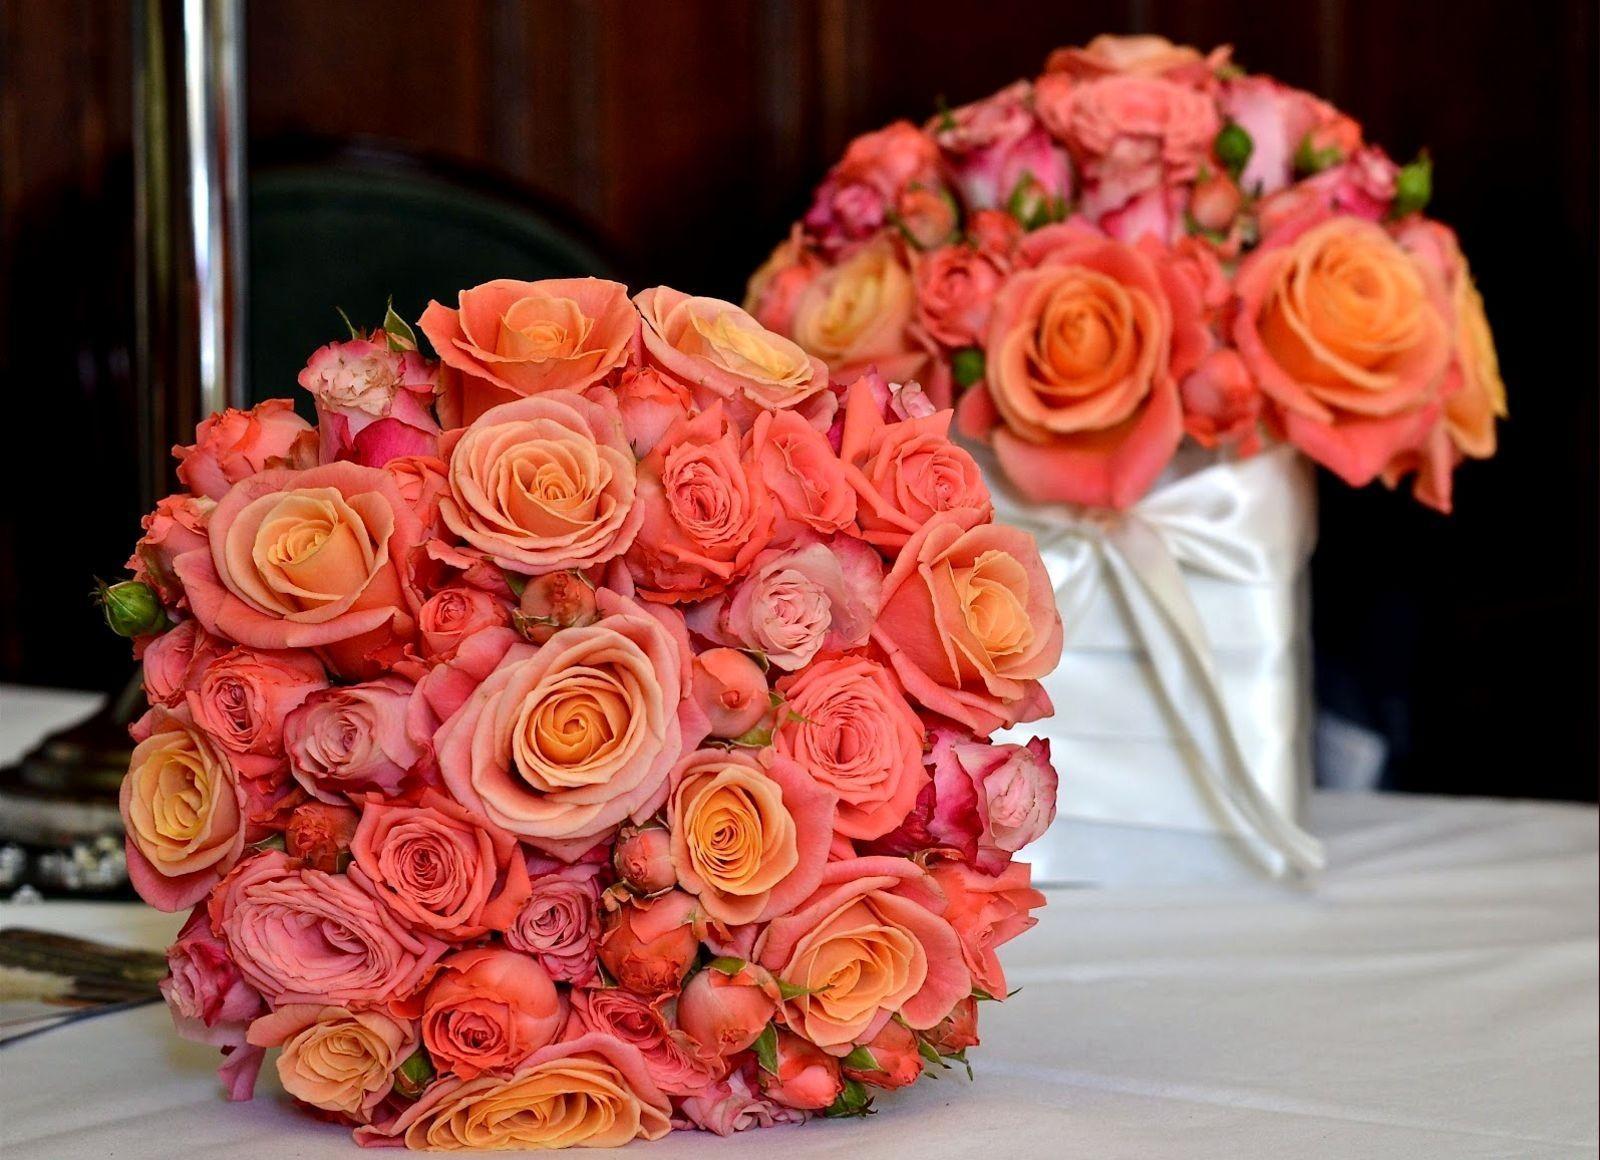 146124 télécharger le fond d'écran Fleurs, Composition, Balle, Ballon, Roses, Bouquets - économiseurs d'écran et images gratuitement